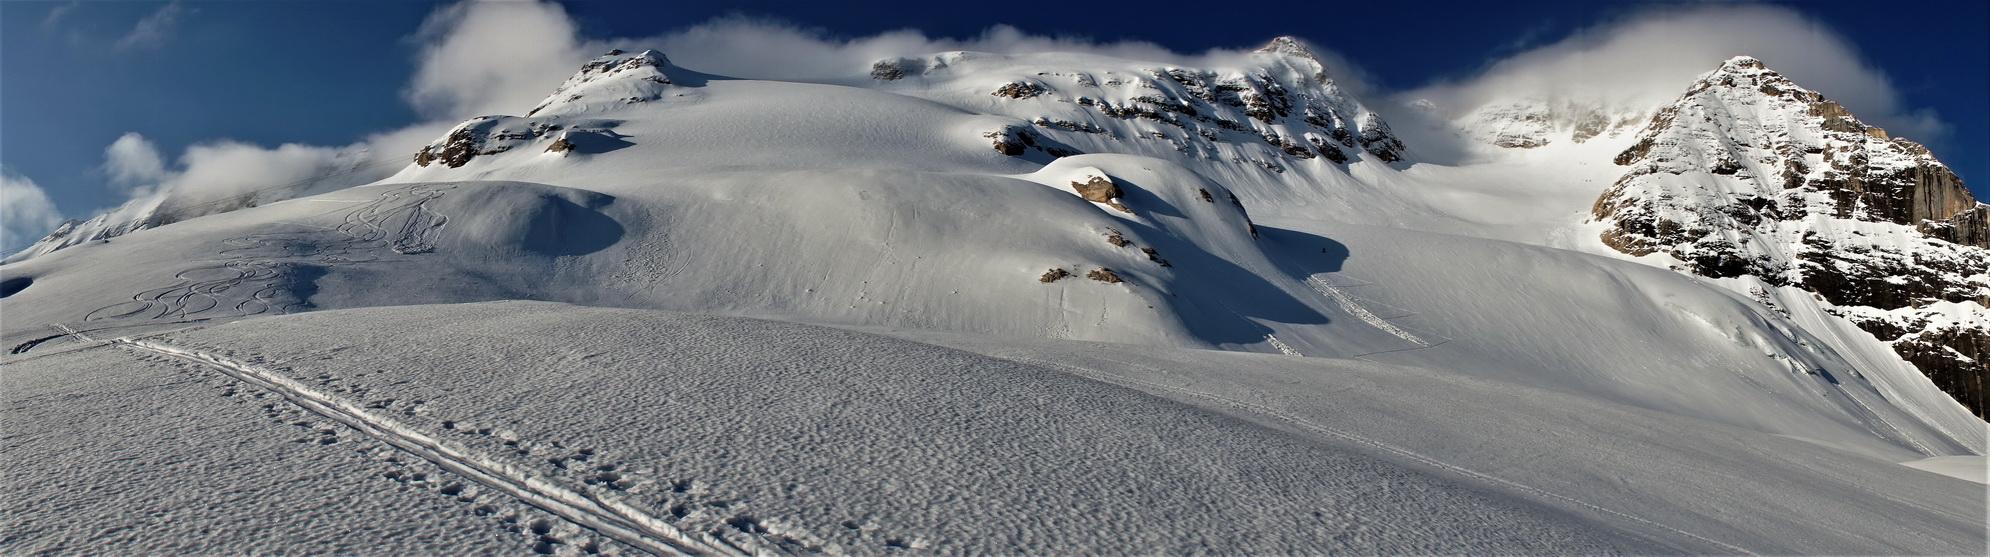 nad_chatou_nás_už_čaká_terén_prenádherný_s novým_snehom_spred_pár_dní